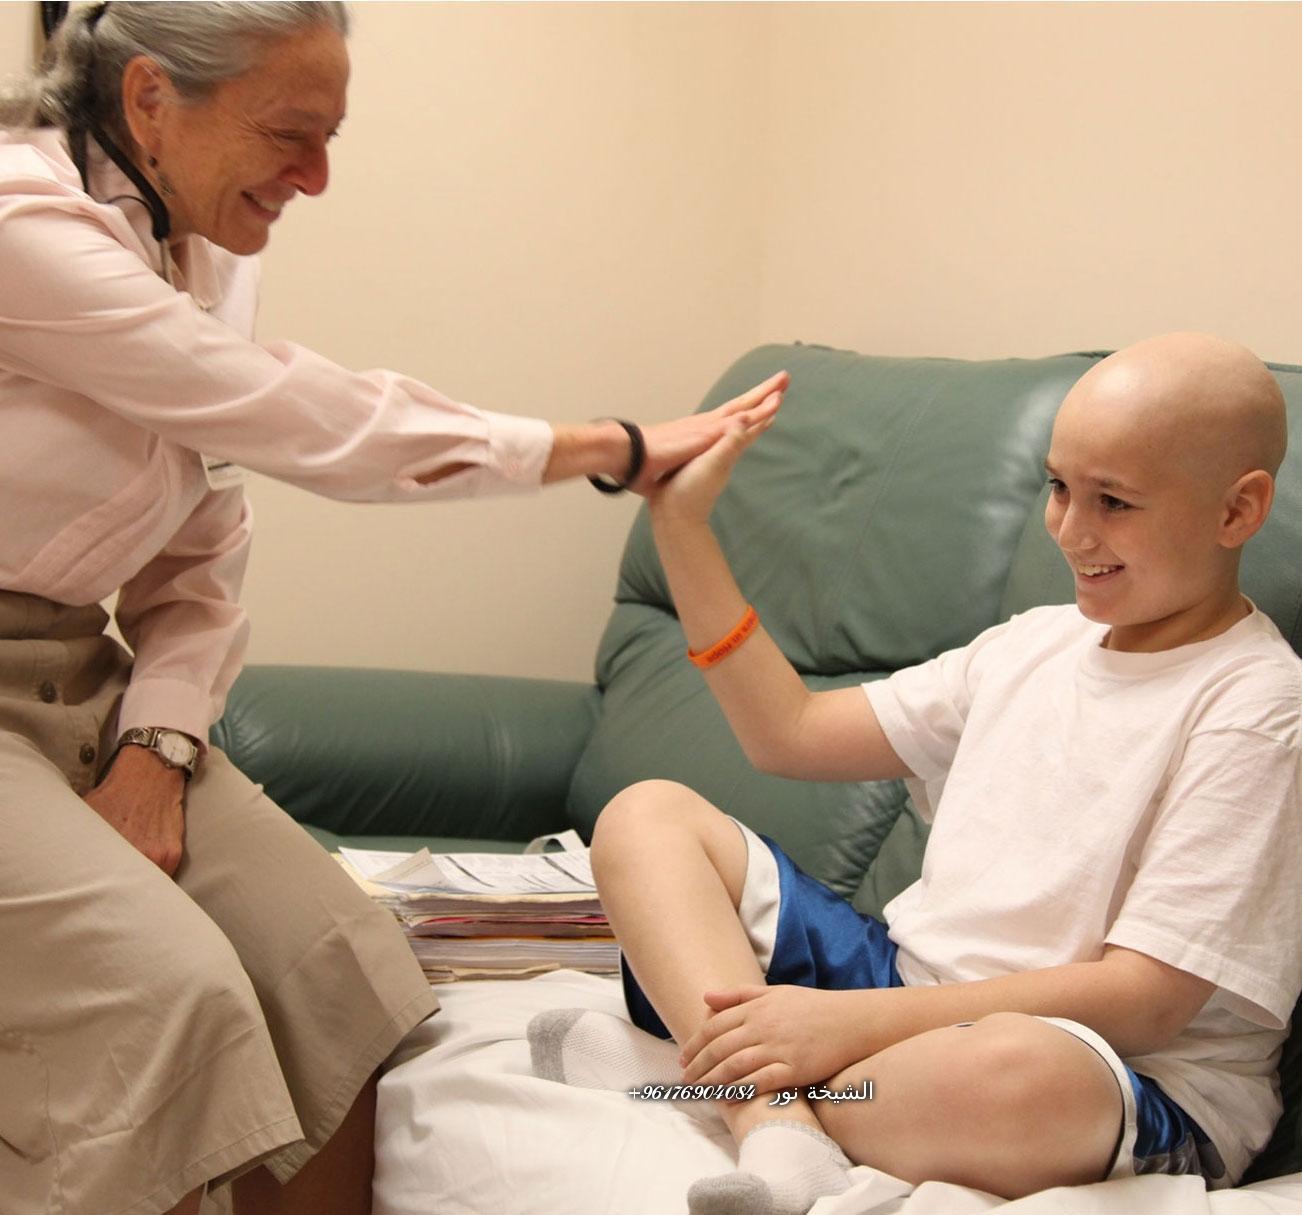 صورة علاج للسرطان والقضاء عليه-شيخة نور الصادقة 0096176904084